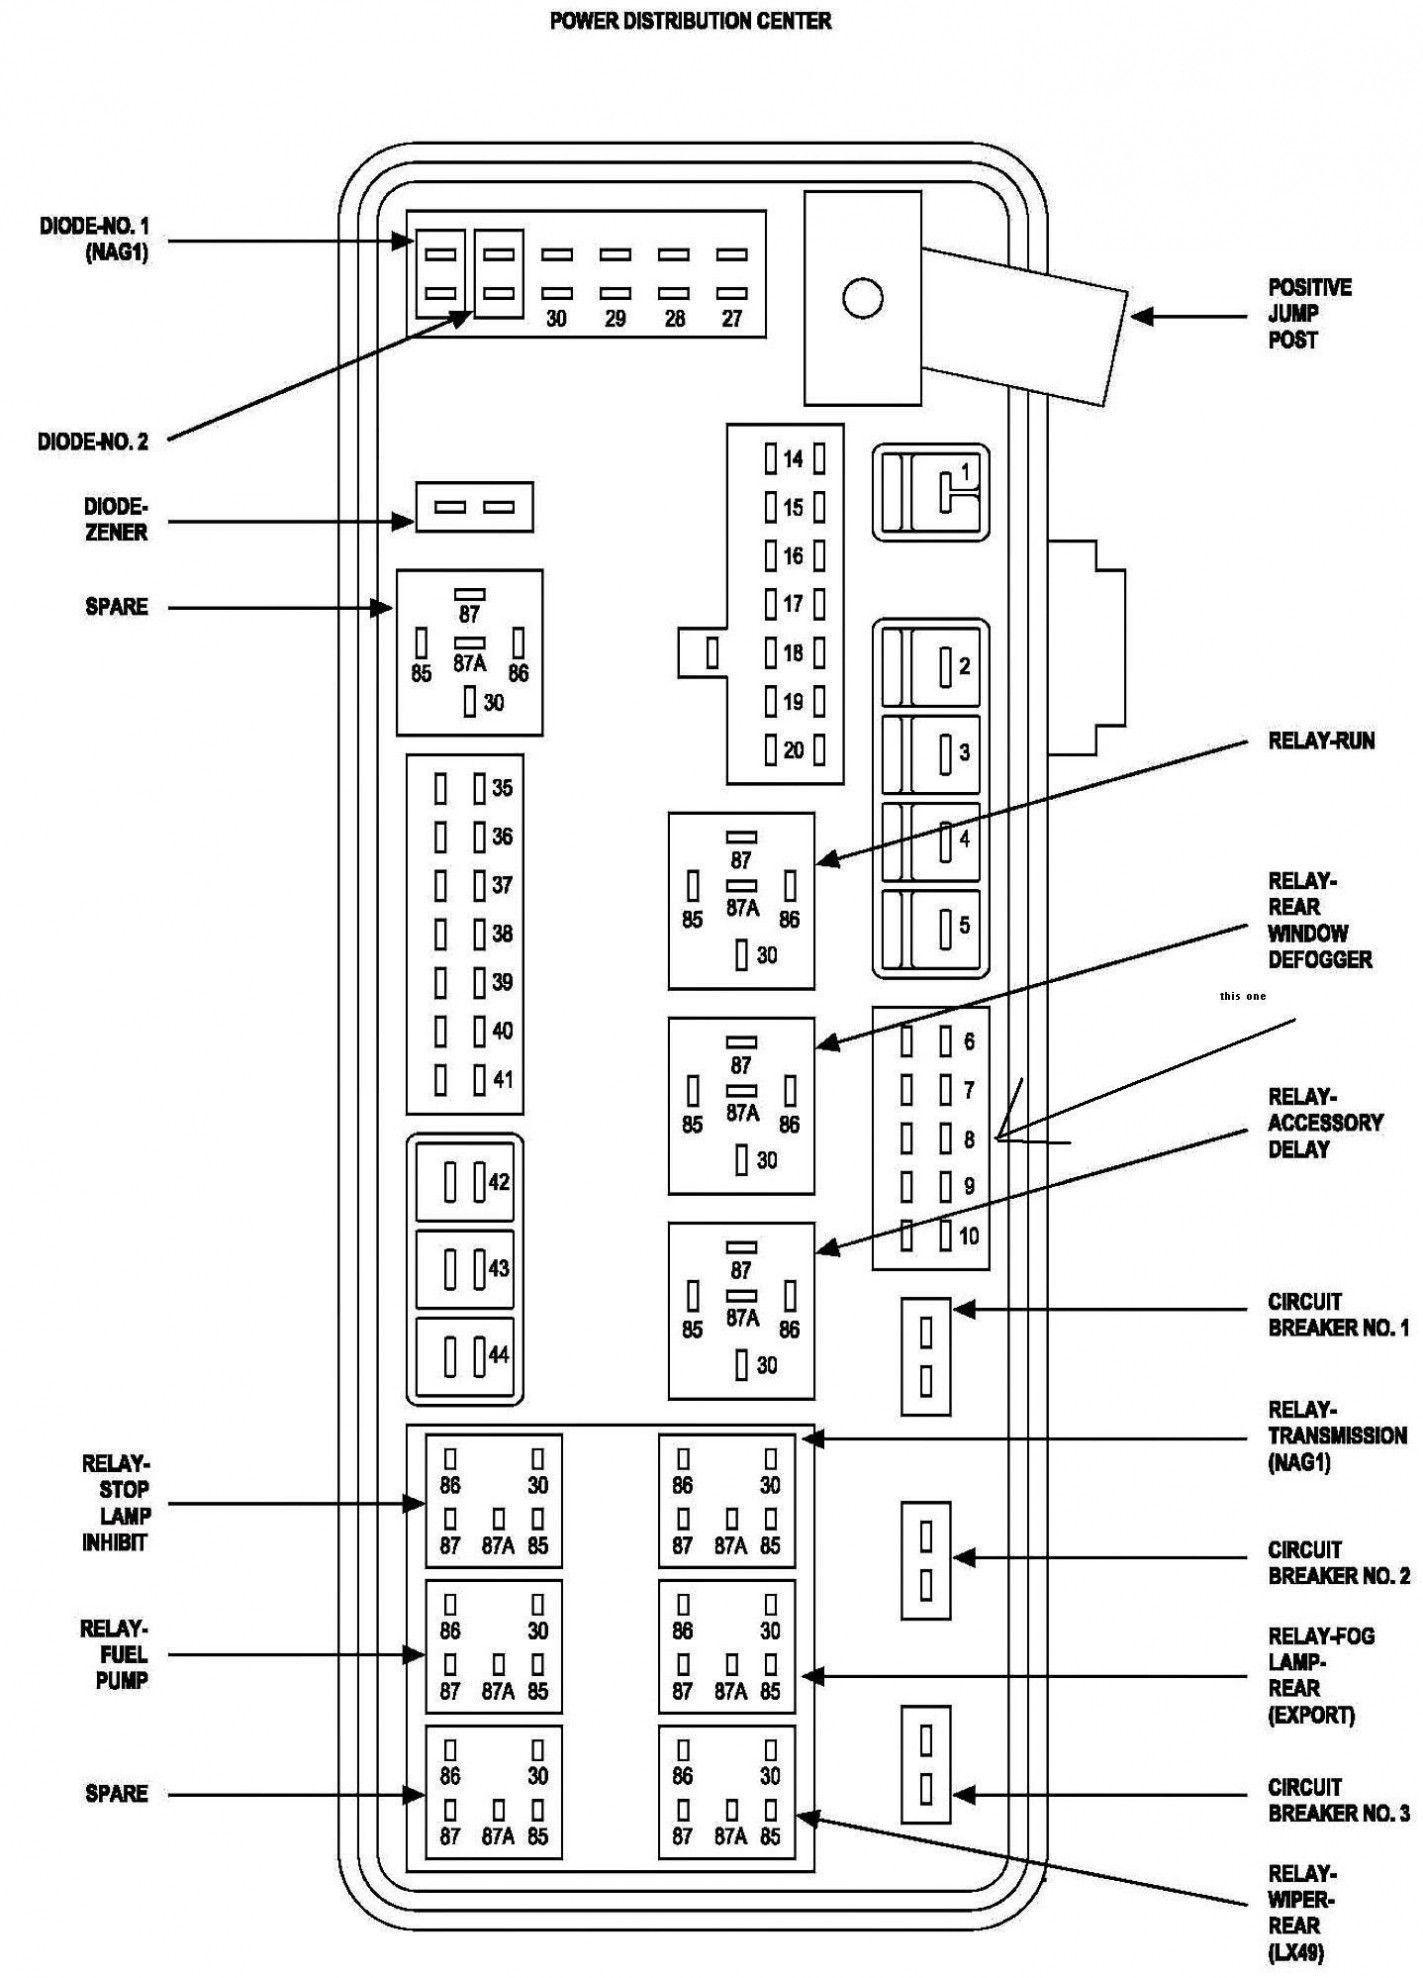 Diagram Diagramsample Diagramtemplate Wiringdiagram Diagramchart Worksheet Worksheettemplate Check More At Ht Dodge Ram 1500 Fuse Box 2012 Dodge Charger